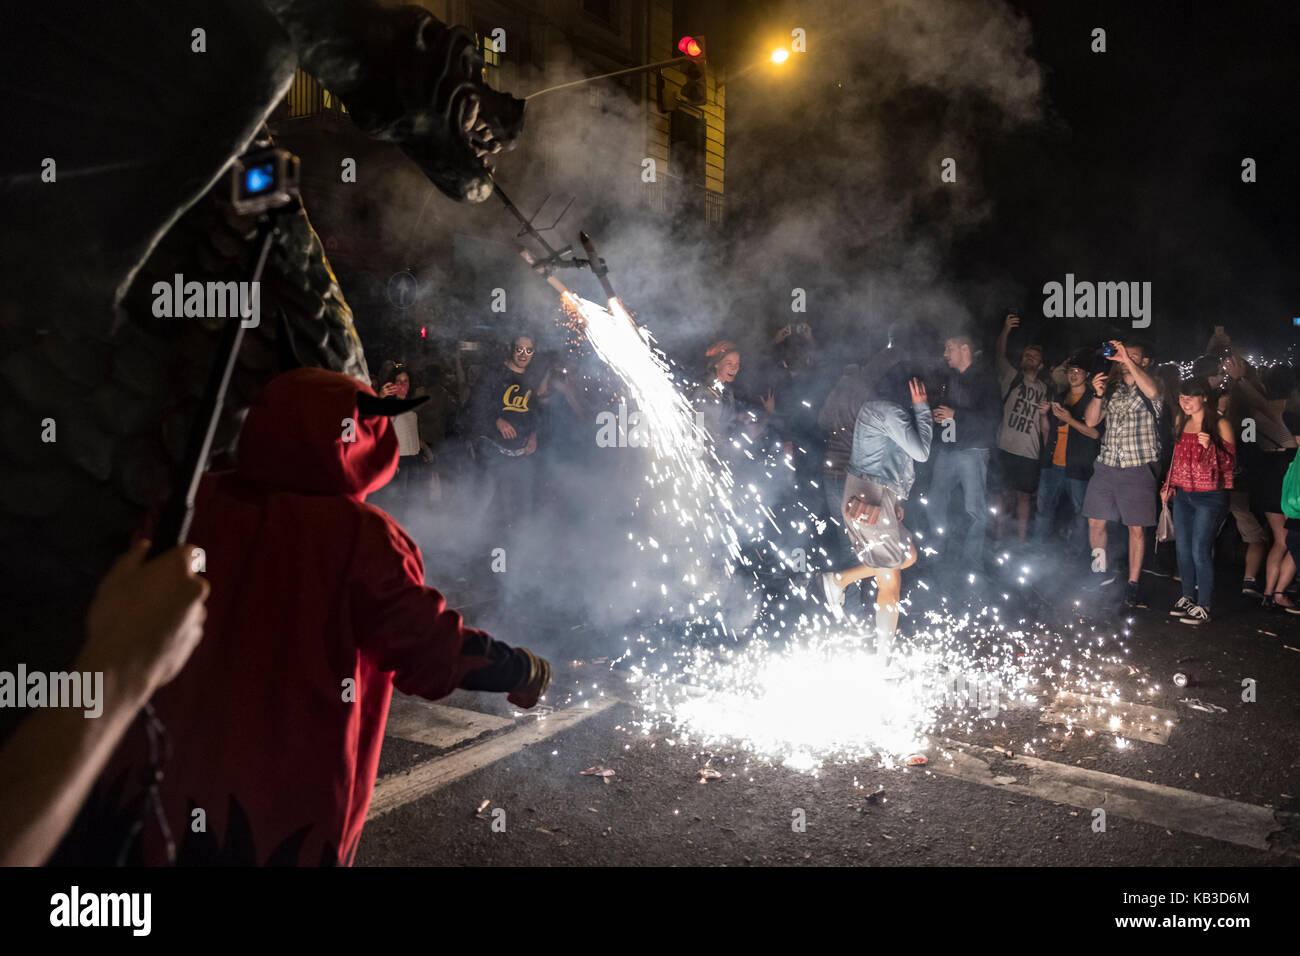 Correfocs gehören zu den auffälligsten Merkmale in der katalanischen Festivals präsentieren. In der Correfoc, eine Stockfoto